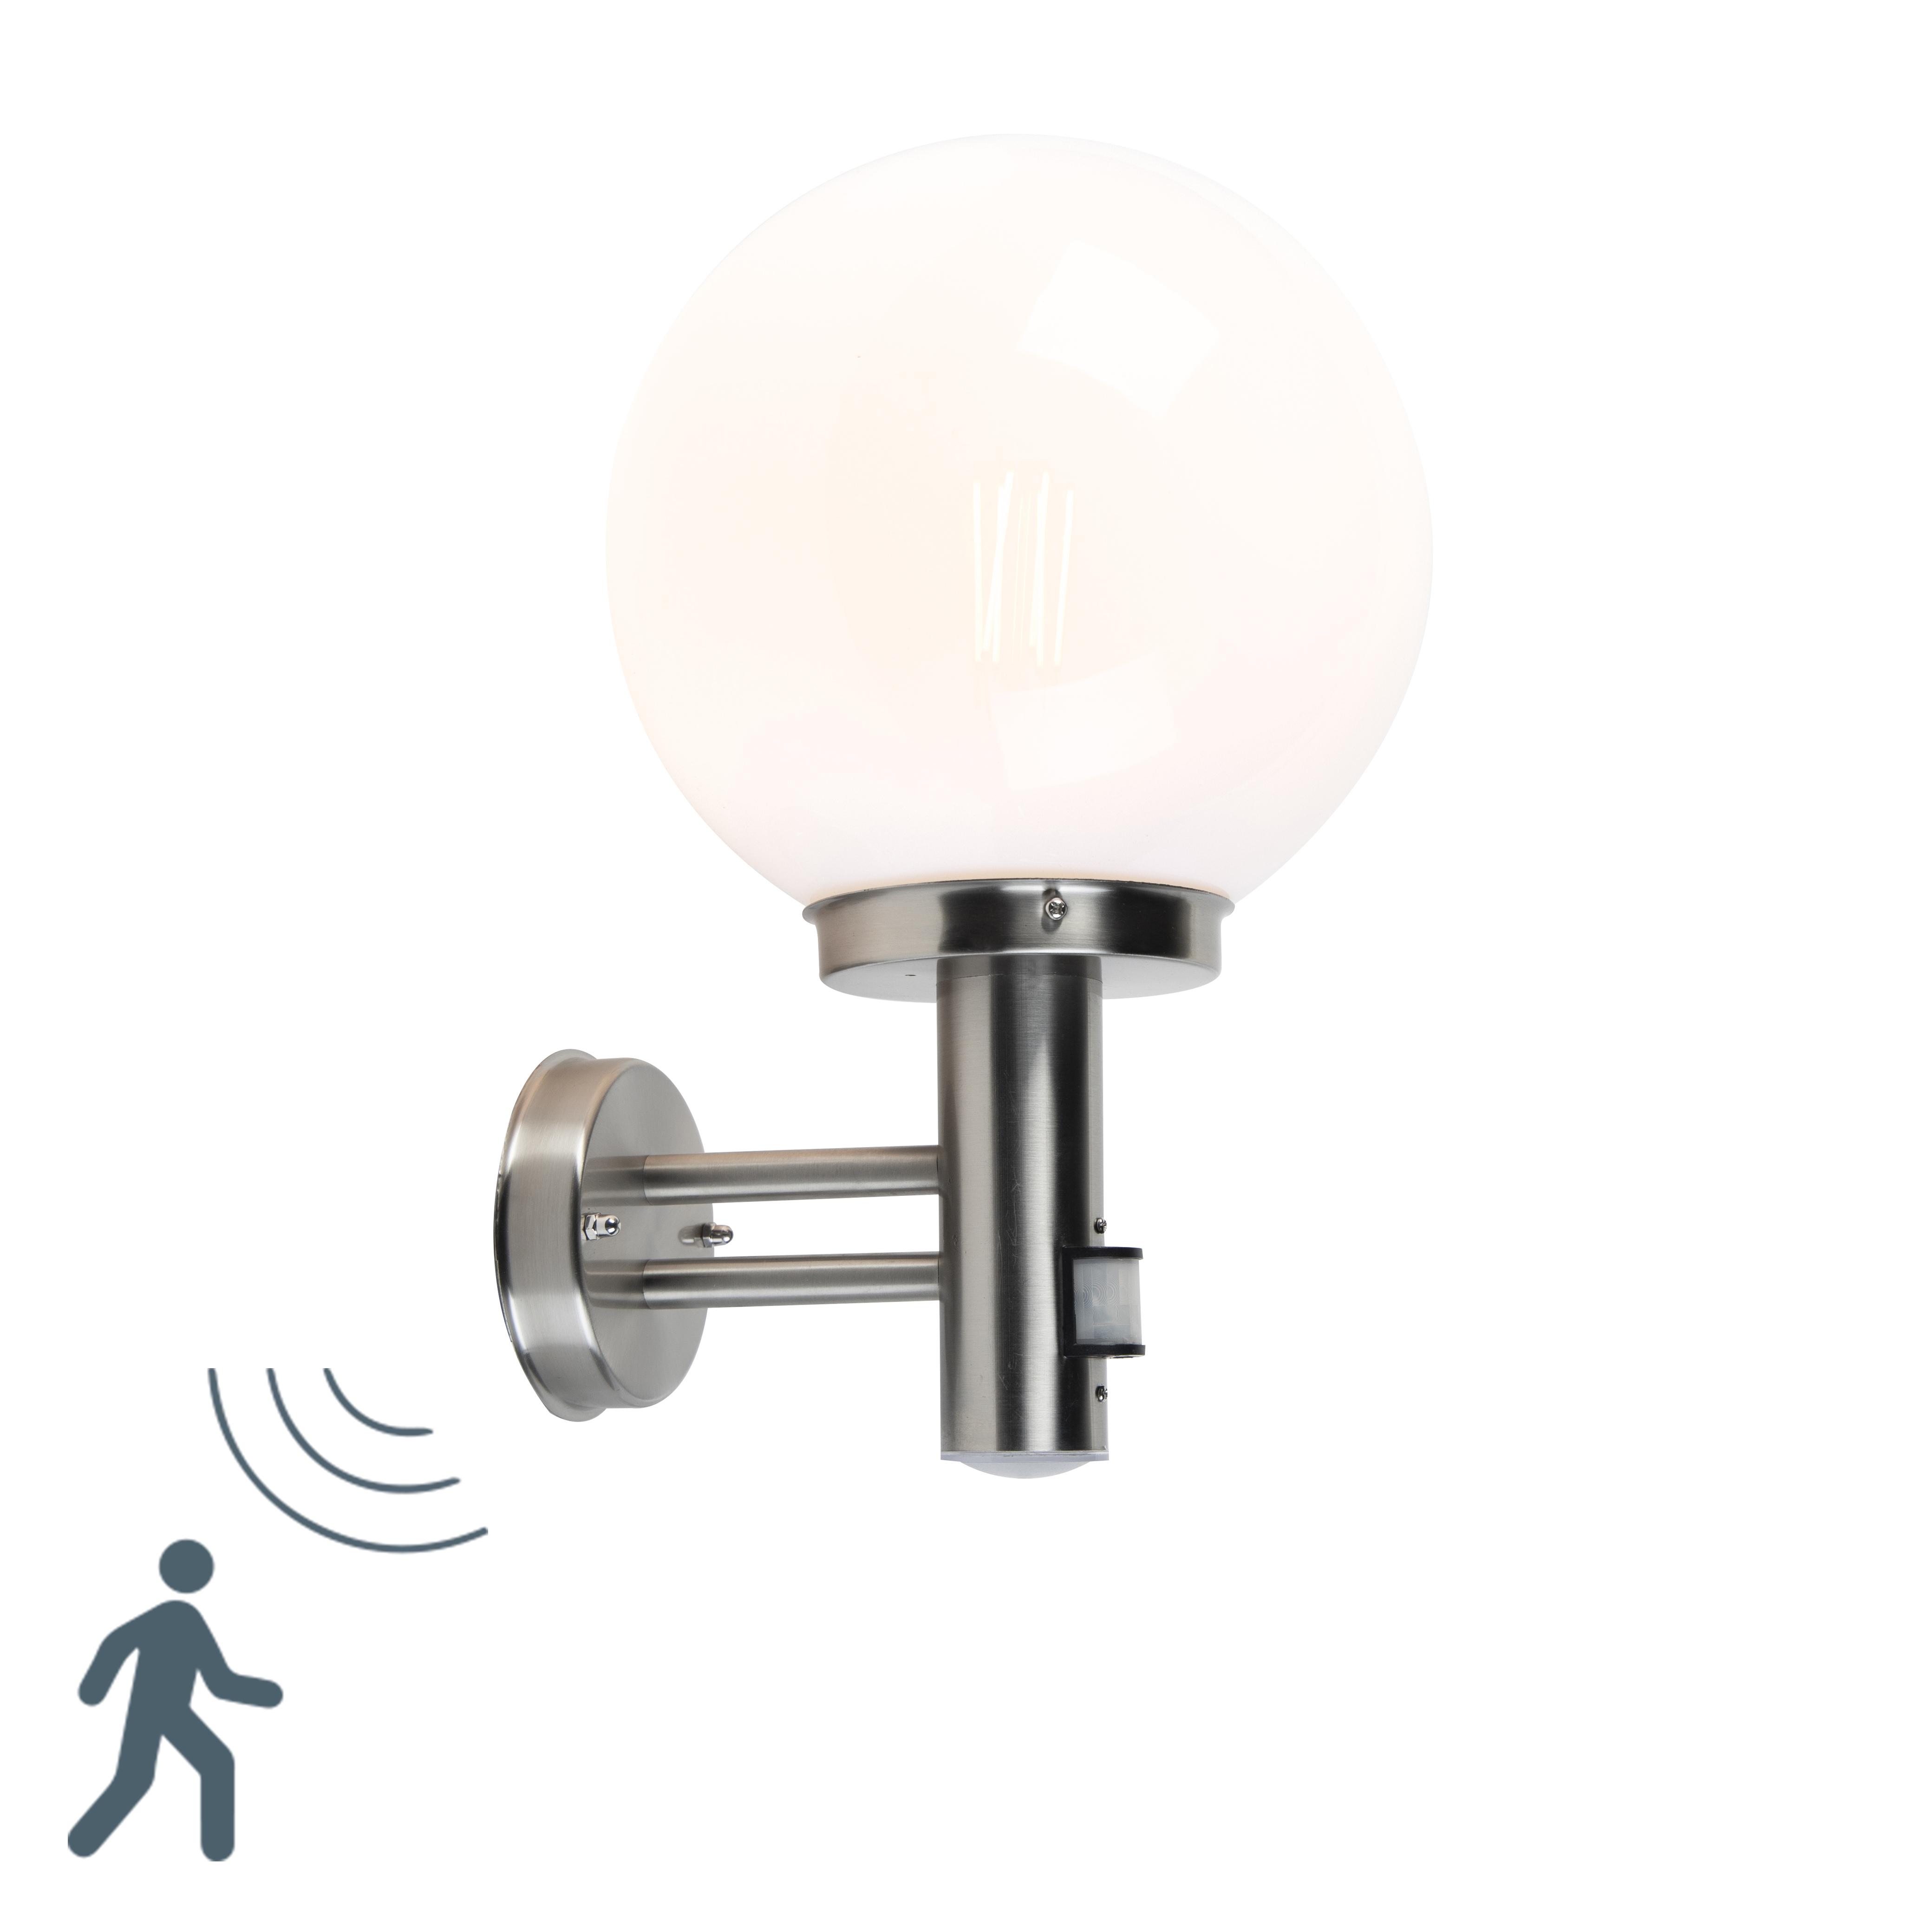 Moderne Buitenwandlamp Rvs Met Opaal Bol En Bewegingsmelder - Sfera